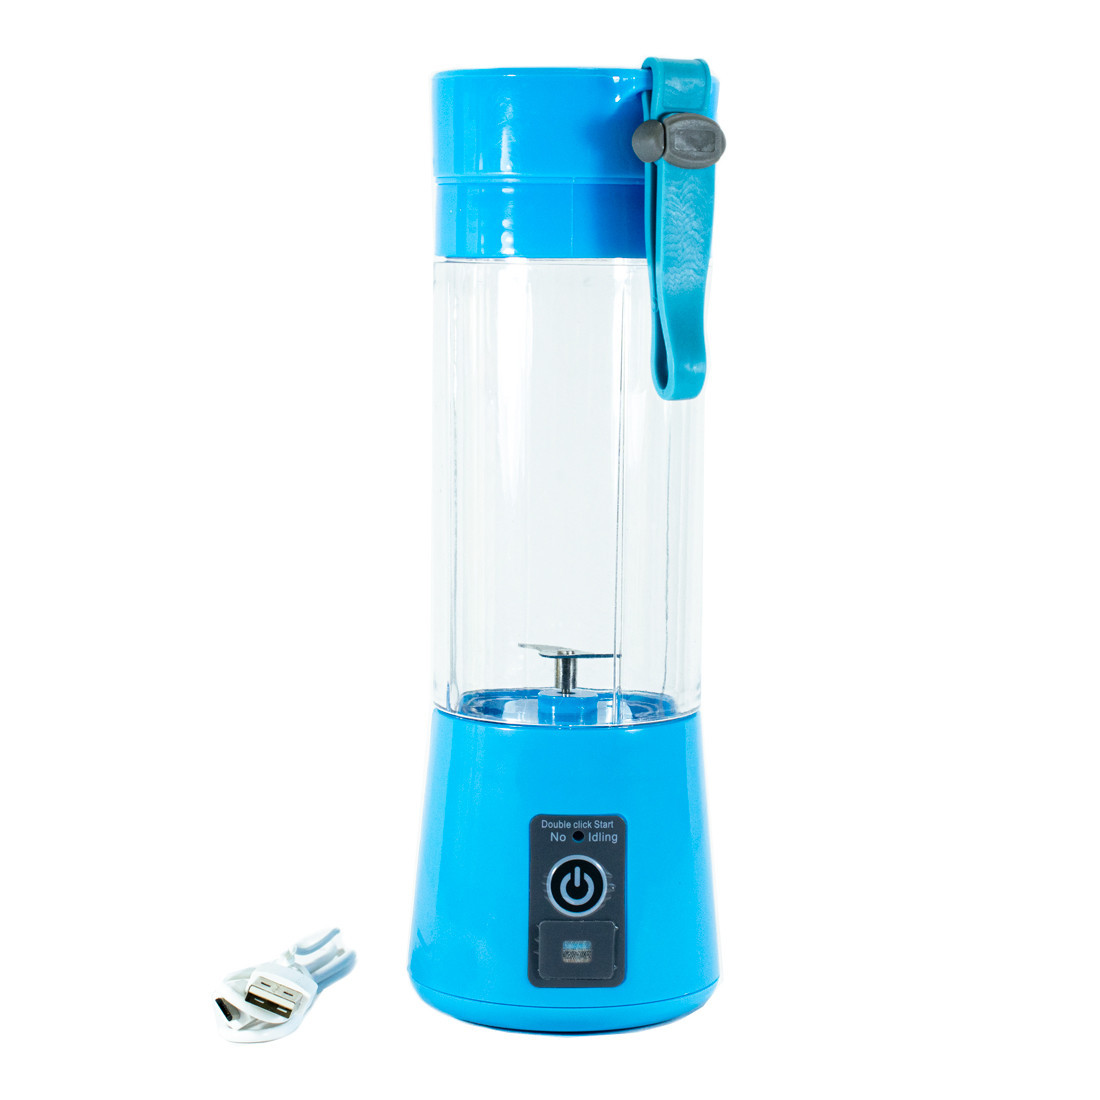 Розпродаж! Смузі блендер бездротовий Juice Cup USB портативний шейкер для смузі з пляшкою, блакитний